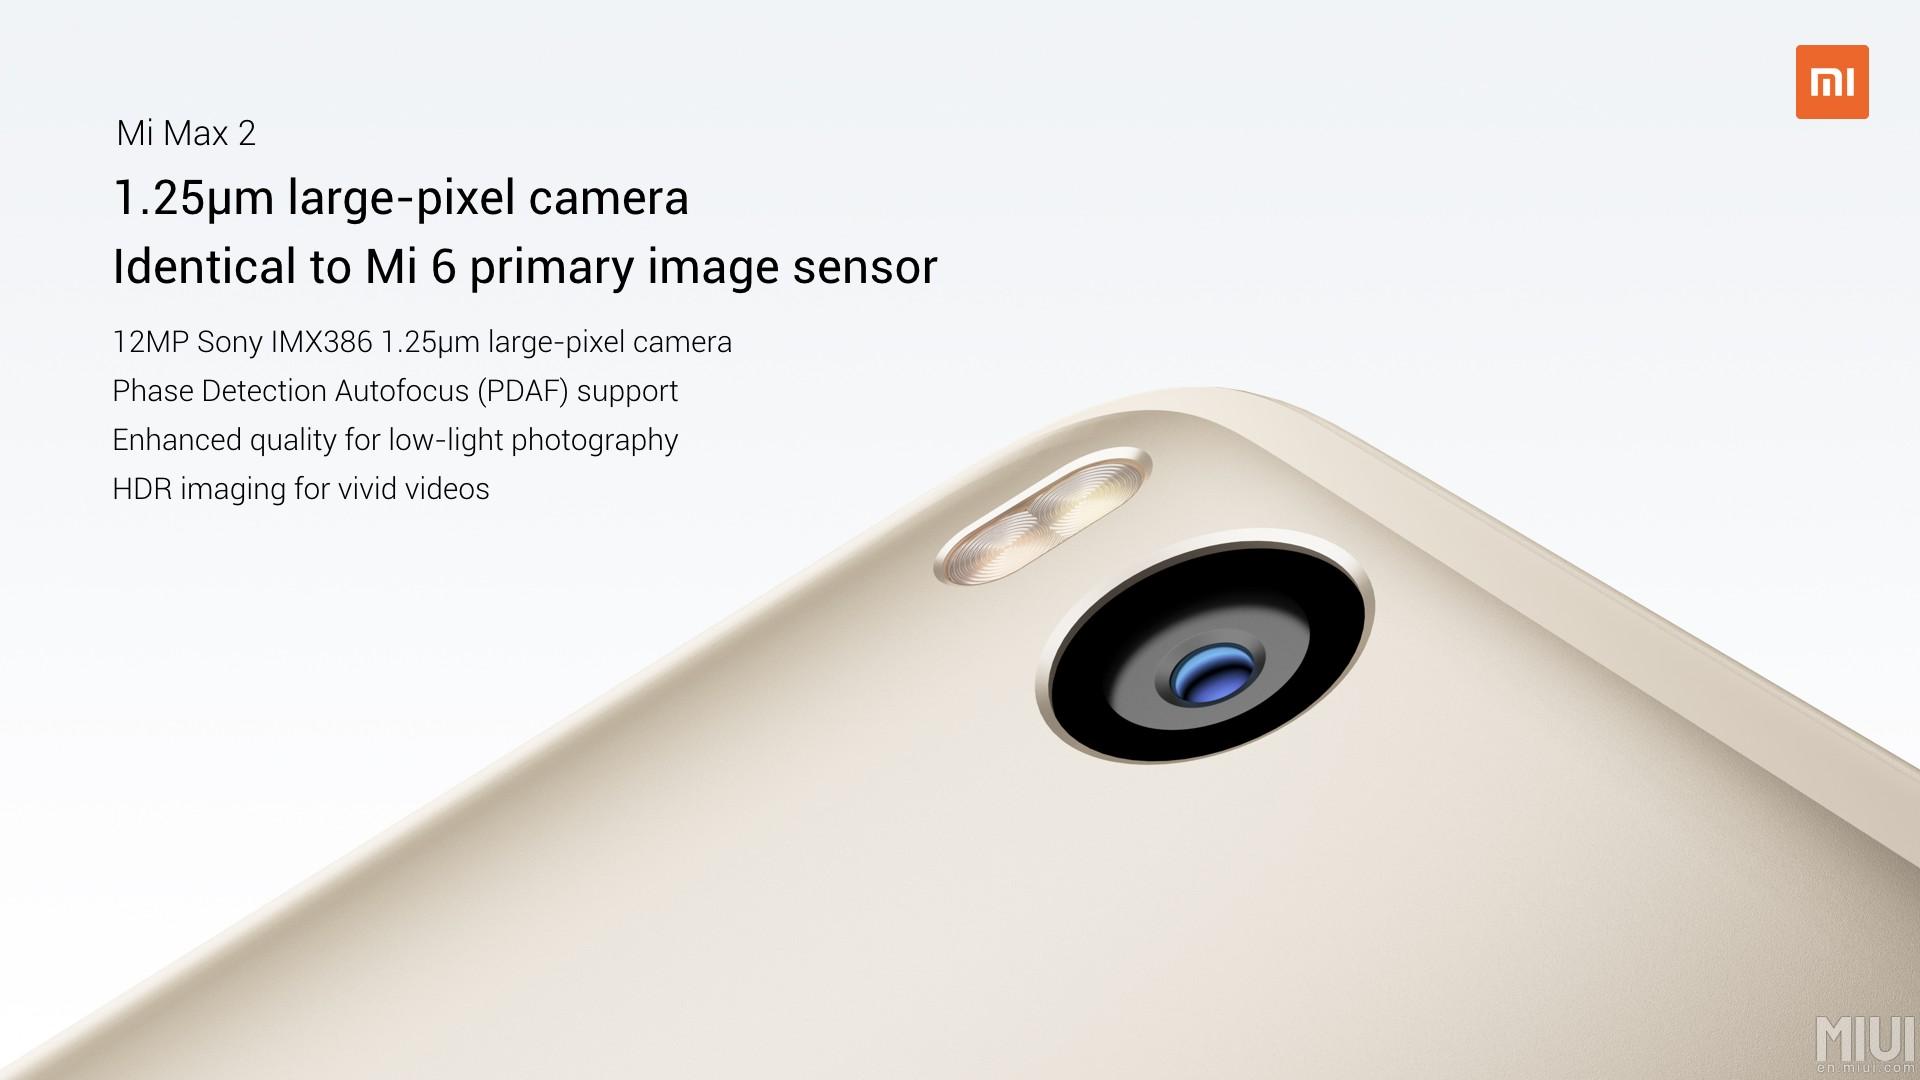 Xiaomi verbaut im Mi Max 2 einen Sony Sensor mit einer Auflösung von 12 MP Die großen Pixeln sollen für eine bessere Bildqualität bei Tag aber in erster